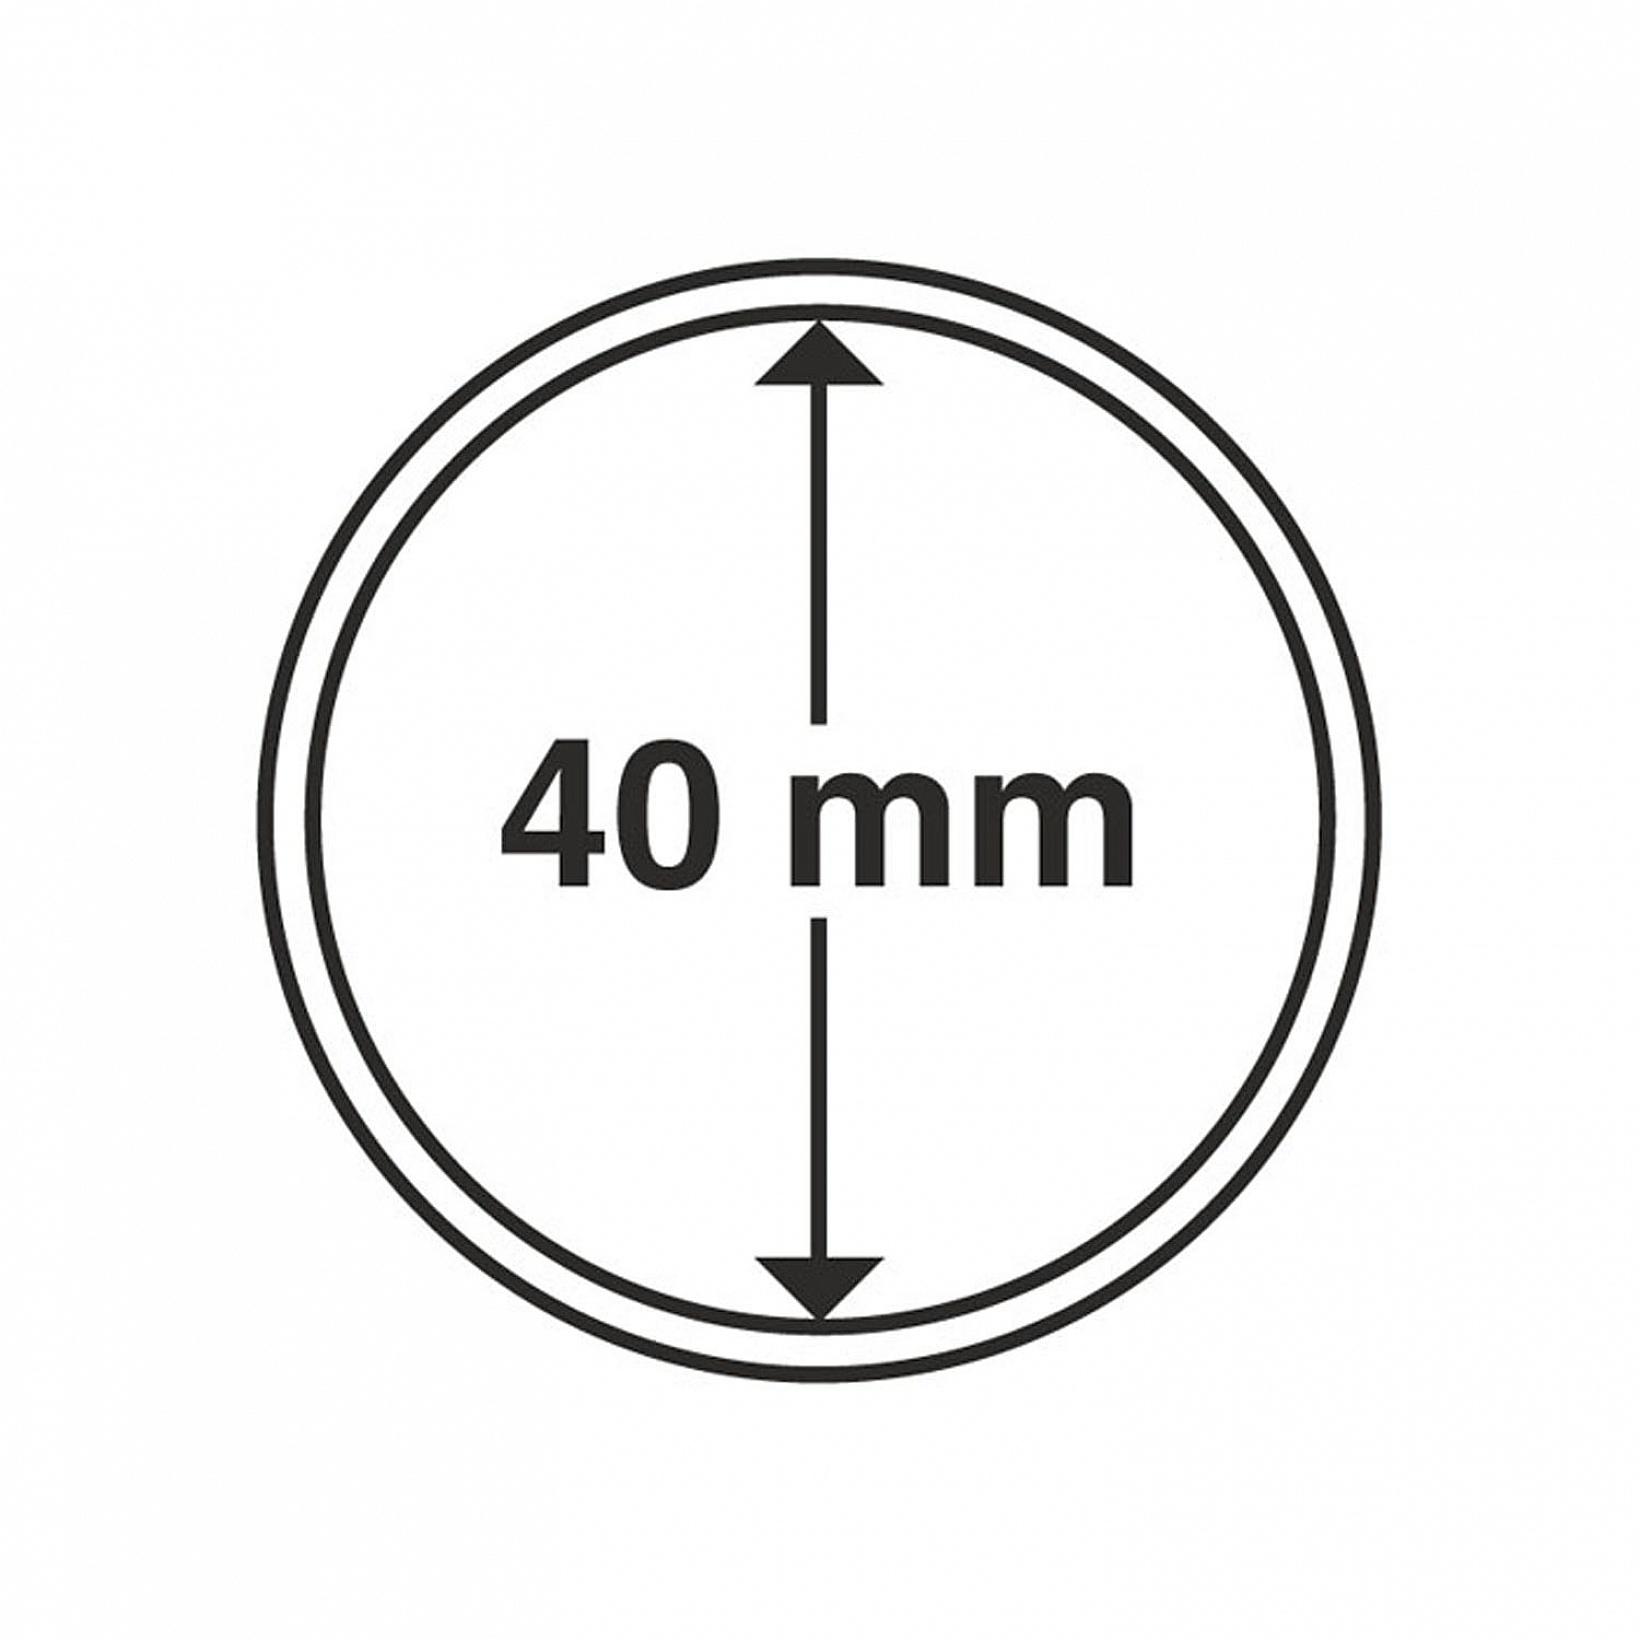 coin-capsules-inner-diameter-40-mm